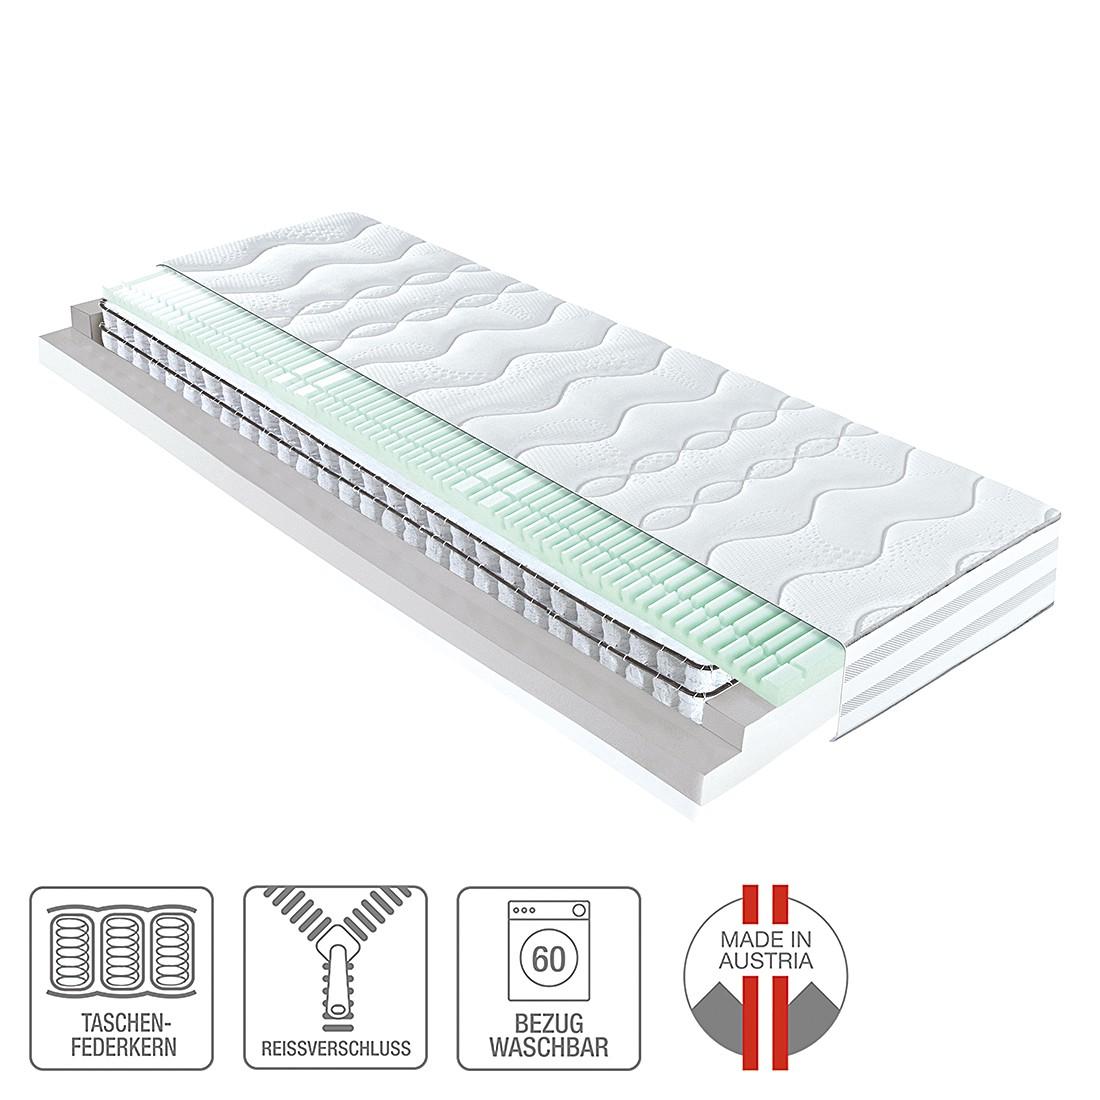 7-Zonen Doppel-Taschenfederkernmatratze Concept – 120 x 200cm – H3 ab 80 kg, ADA premium günstig online kaufen